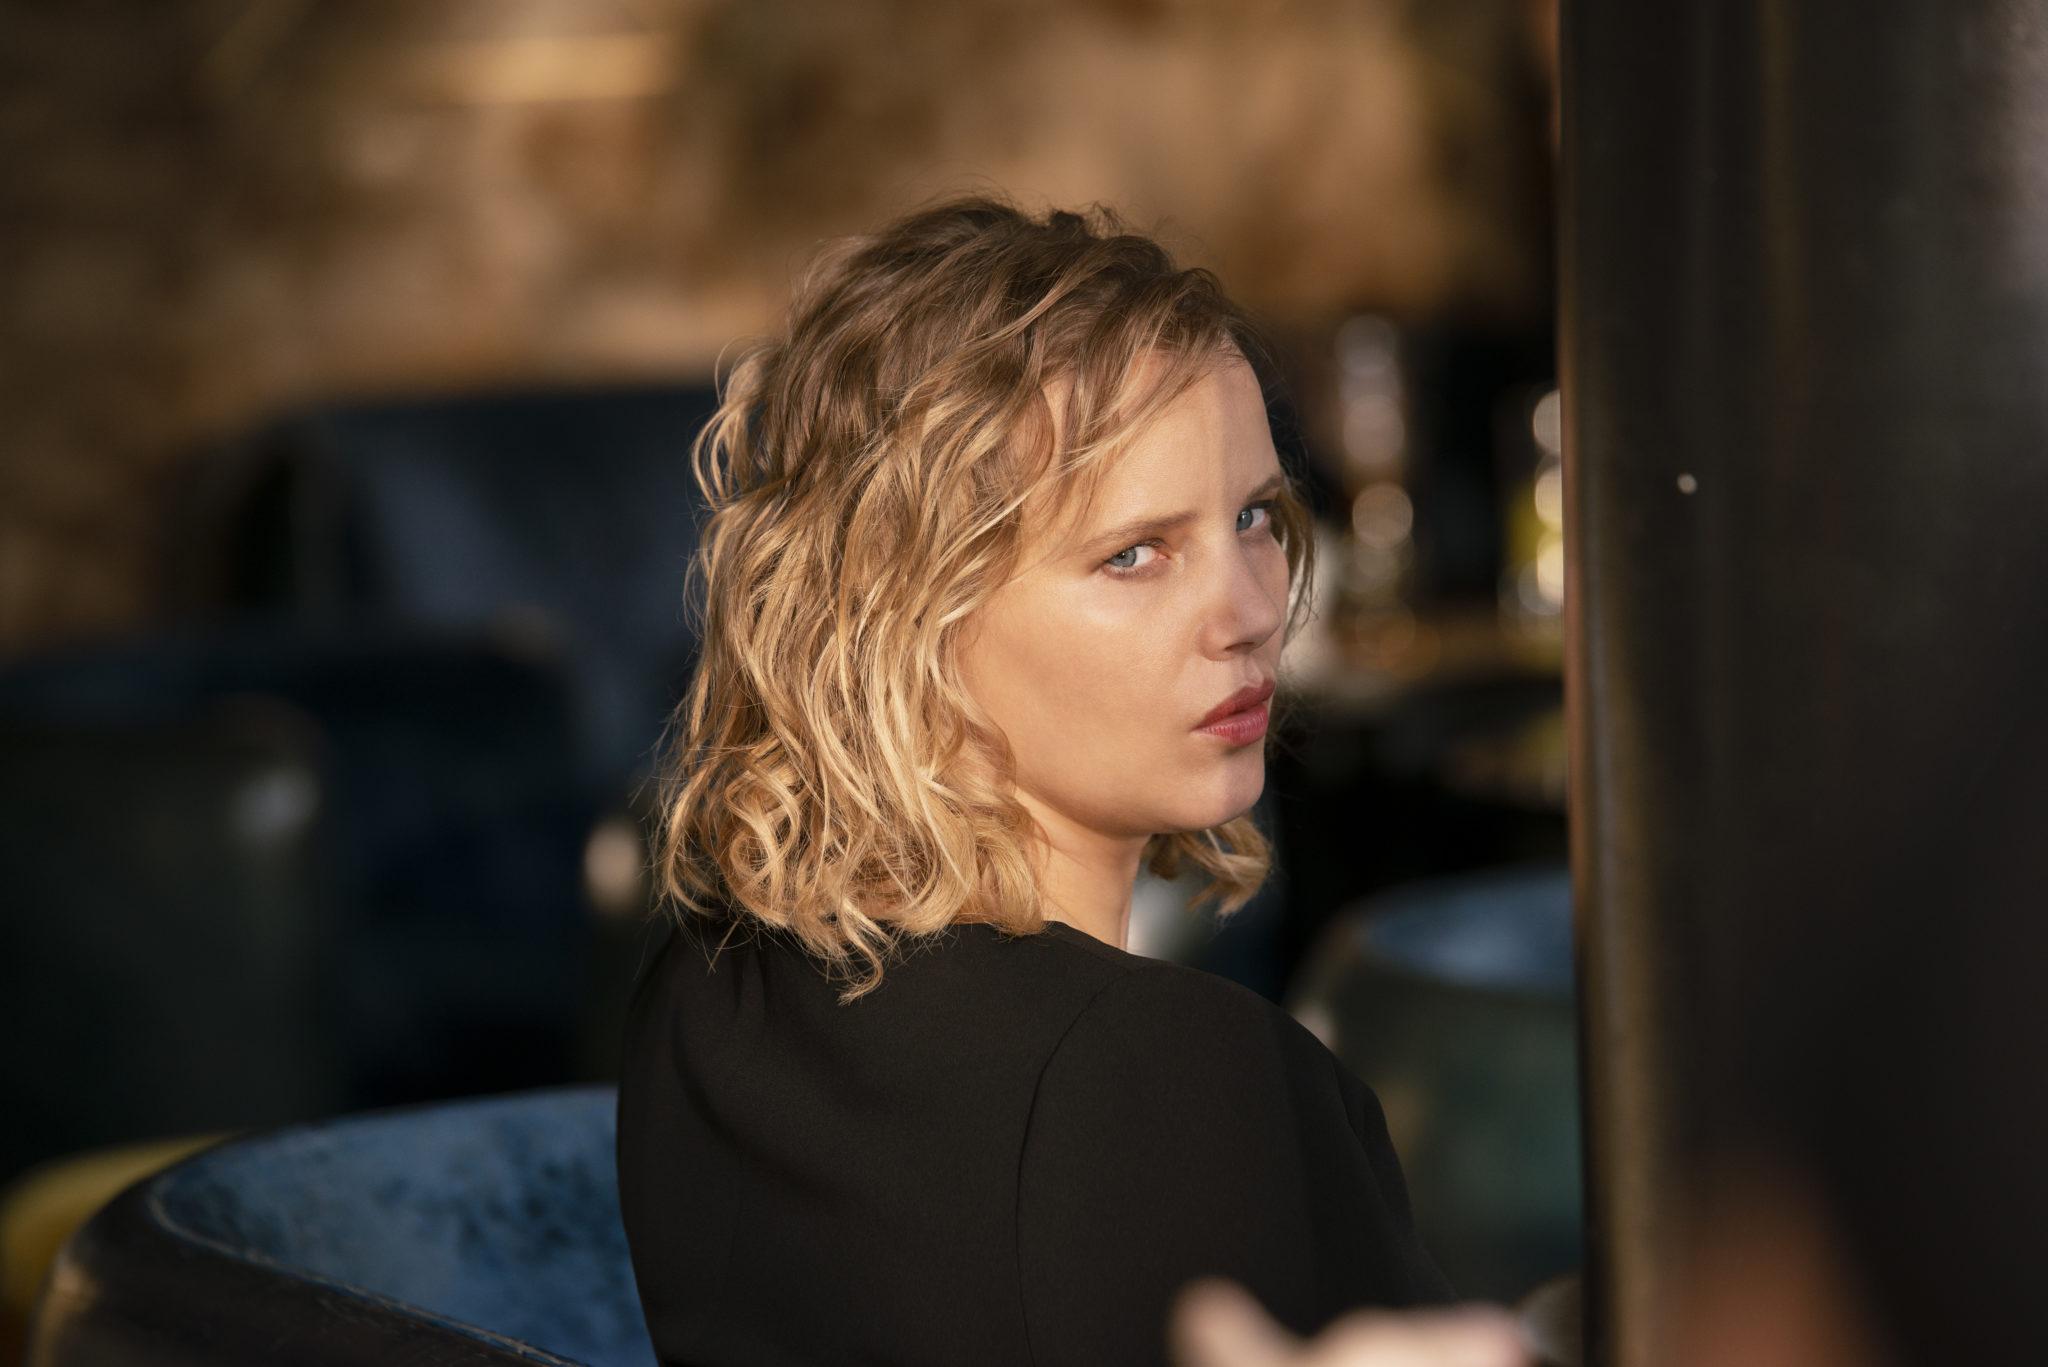 Maja, gespielt von Joanna Kulig, dreht sich in Nahaufnahme in The Eddy in die Kamera, im Hintergrund verschwommen eine Sitzecke